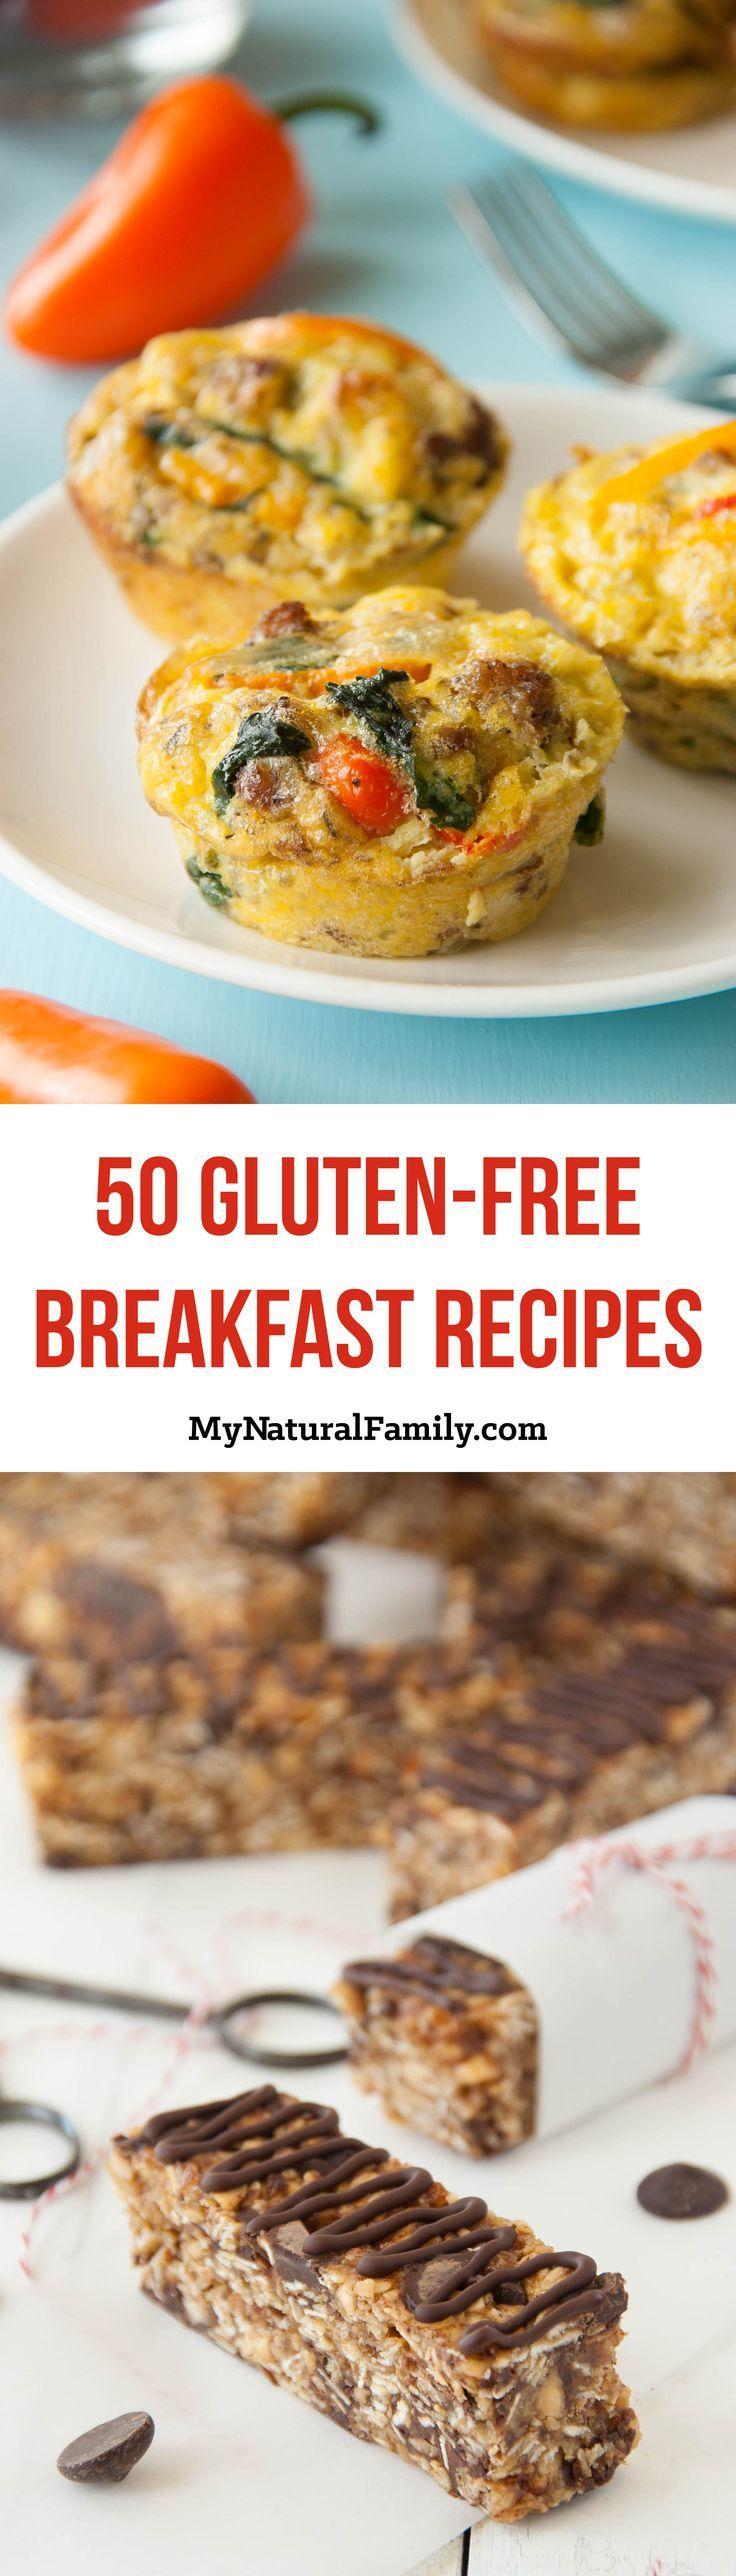 50 Gluten Free Breakfast Recipes